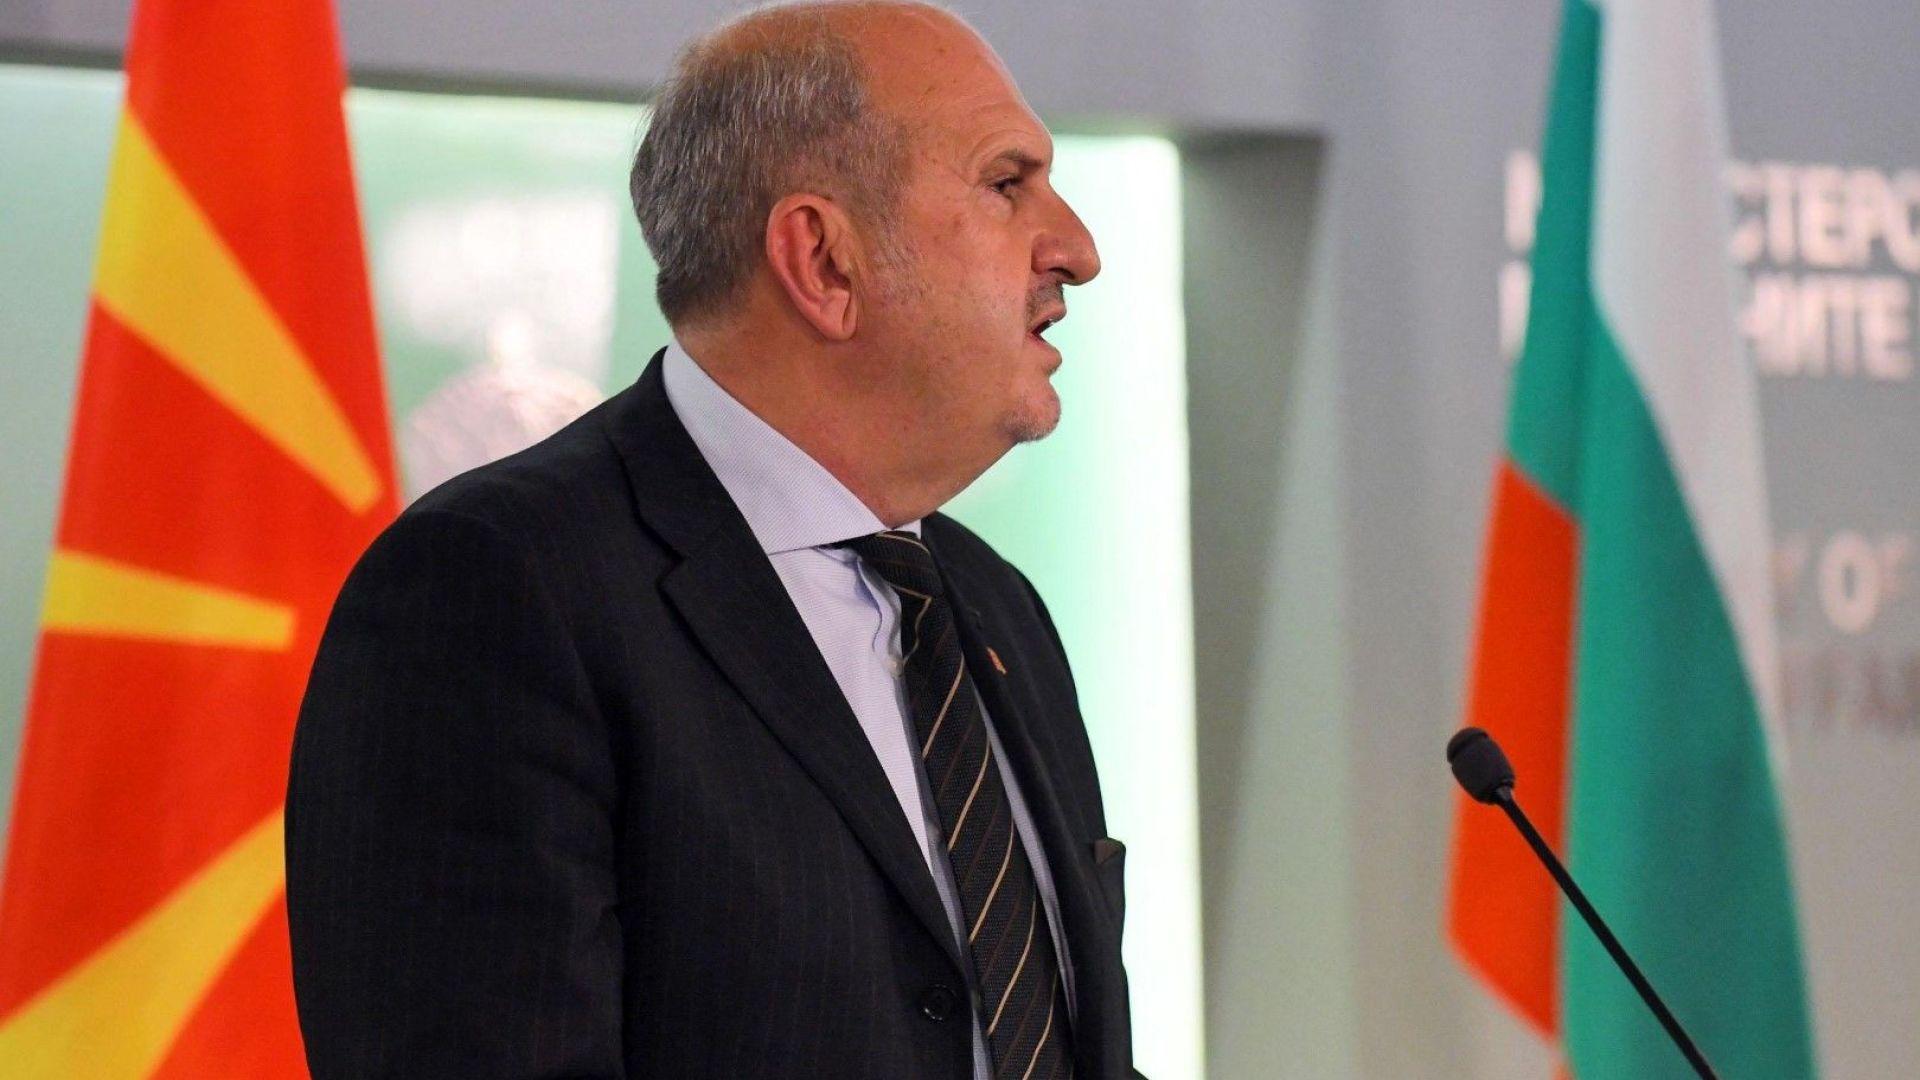 Владо Бучковски: Шанс за край на блокадата на София след формирането  на новото българско правителство